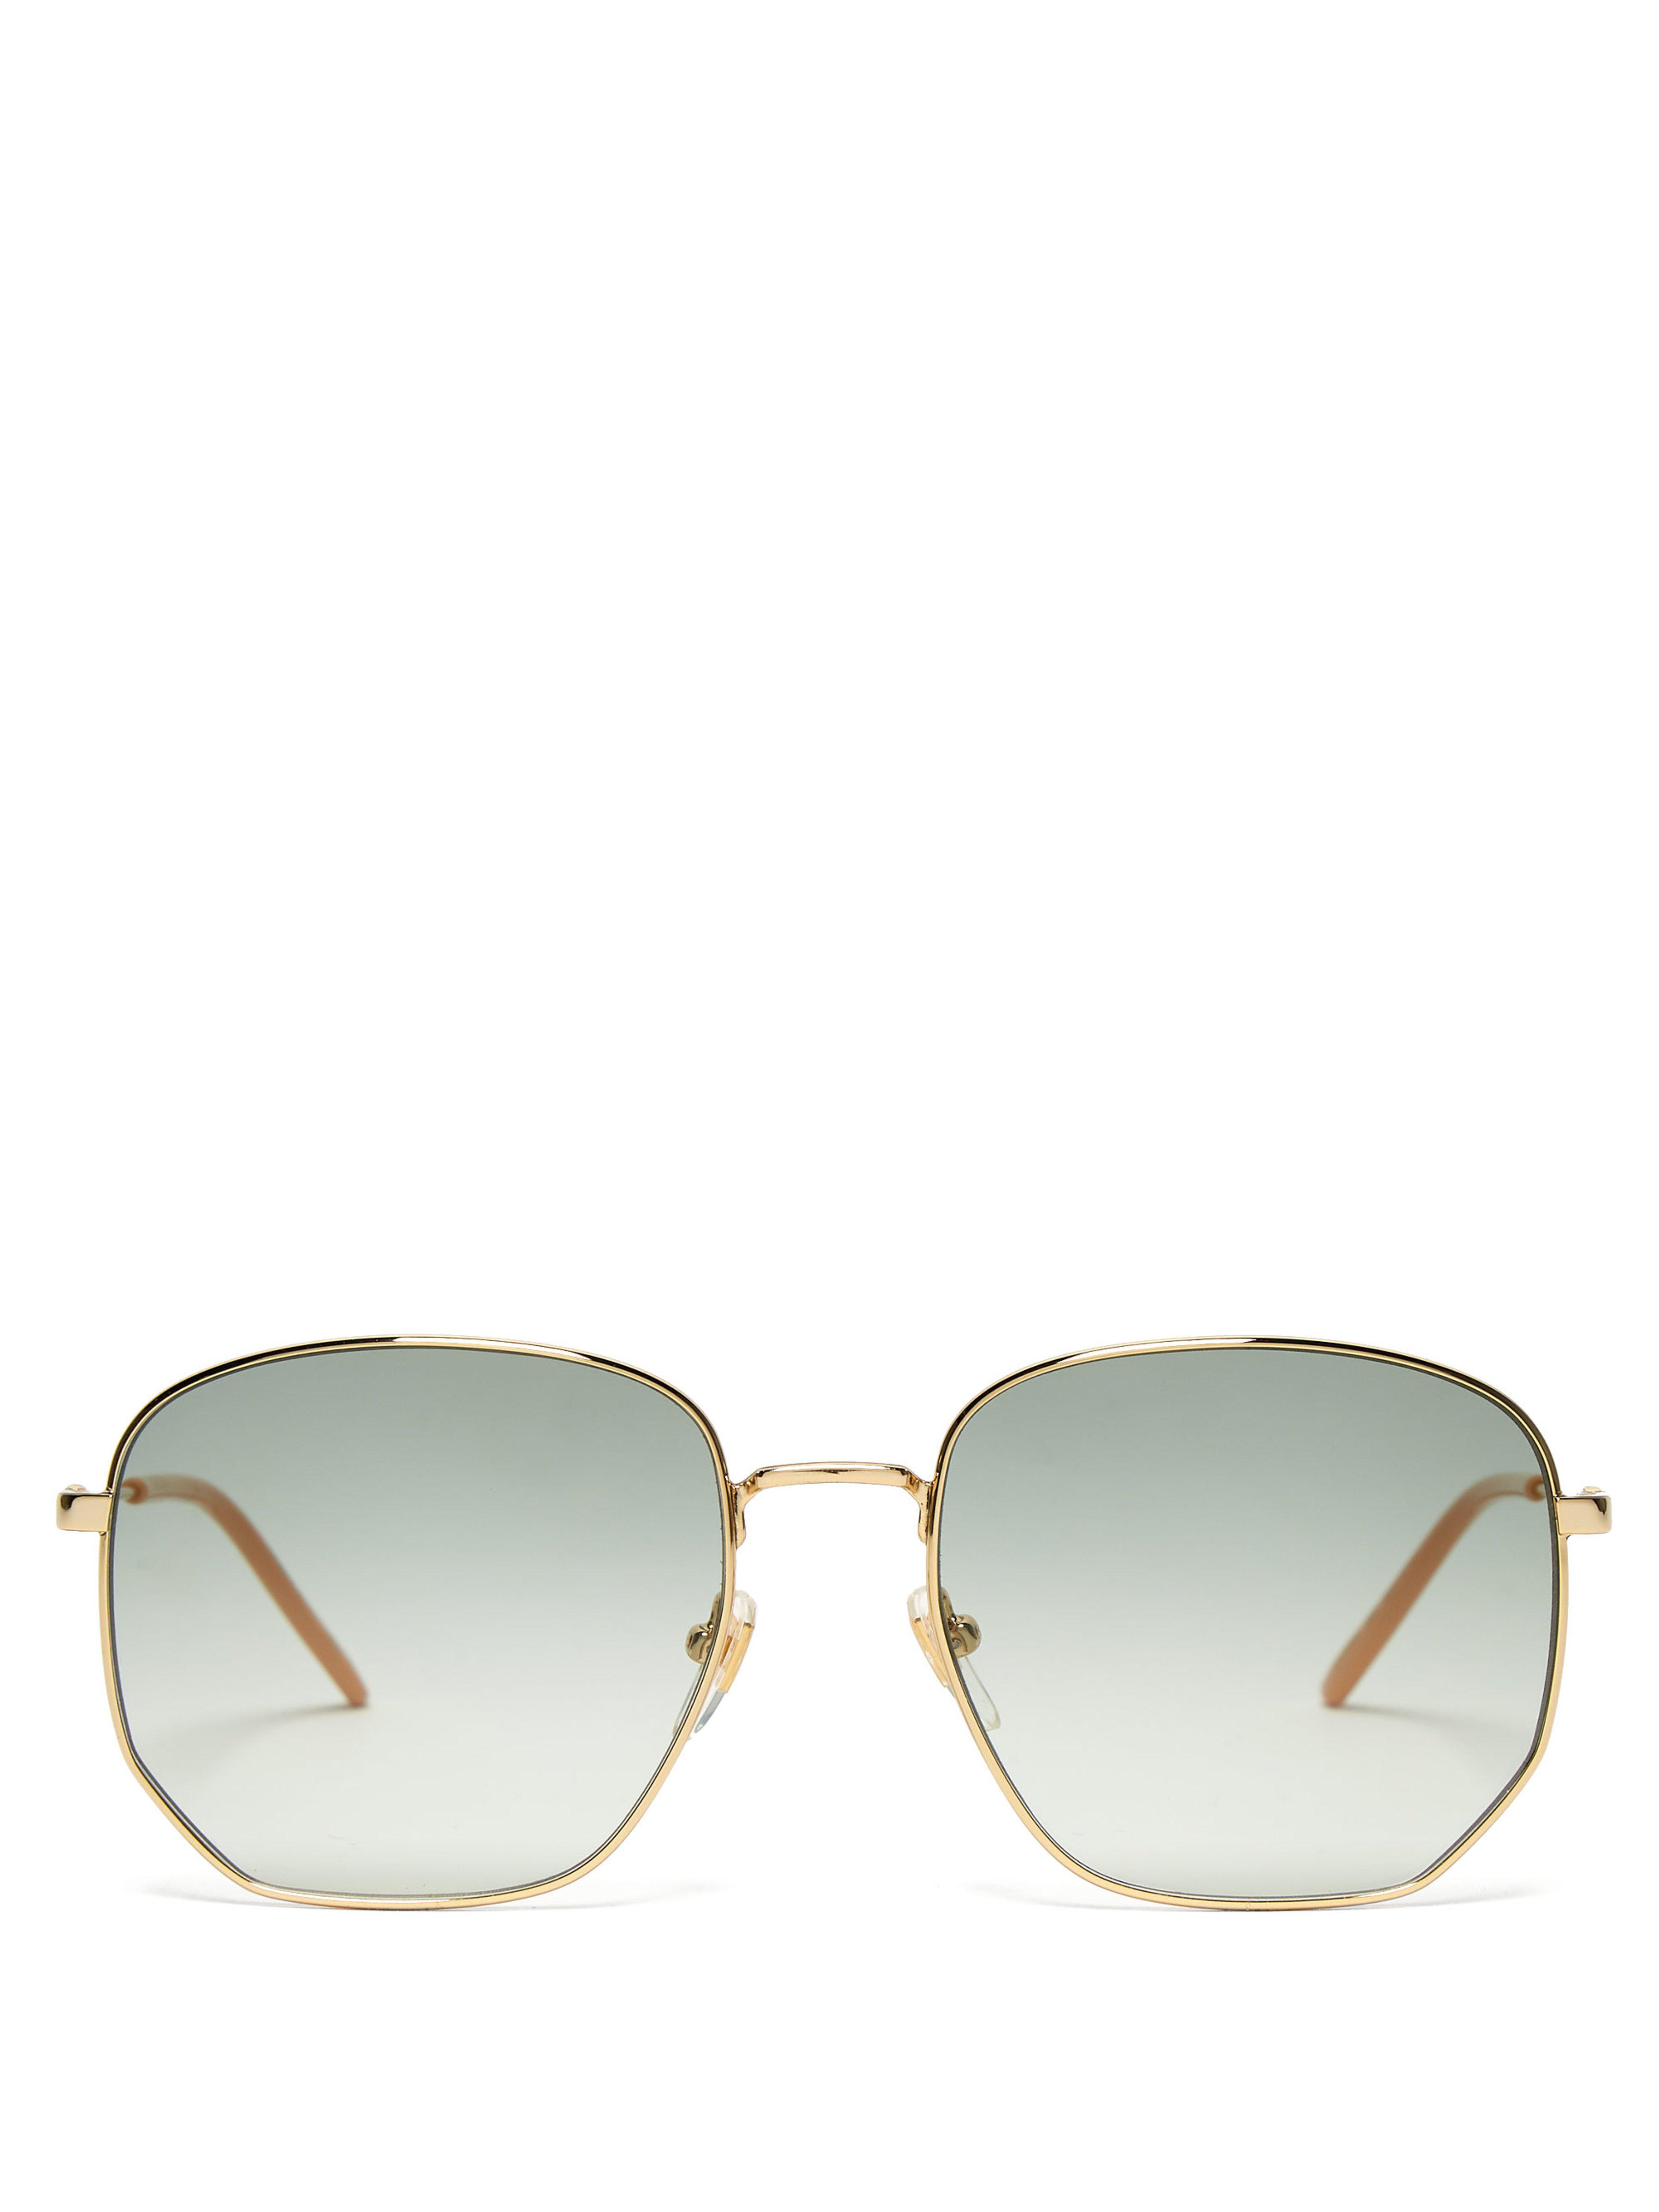 Lyst - Lunettes de soleil à monture en métal GG Gucci en coloris Bleu 51ba7c4a5536